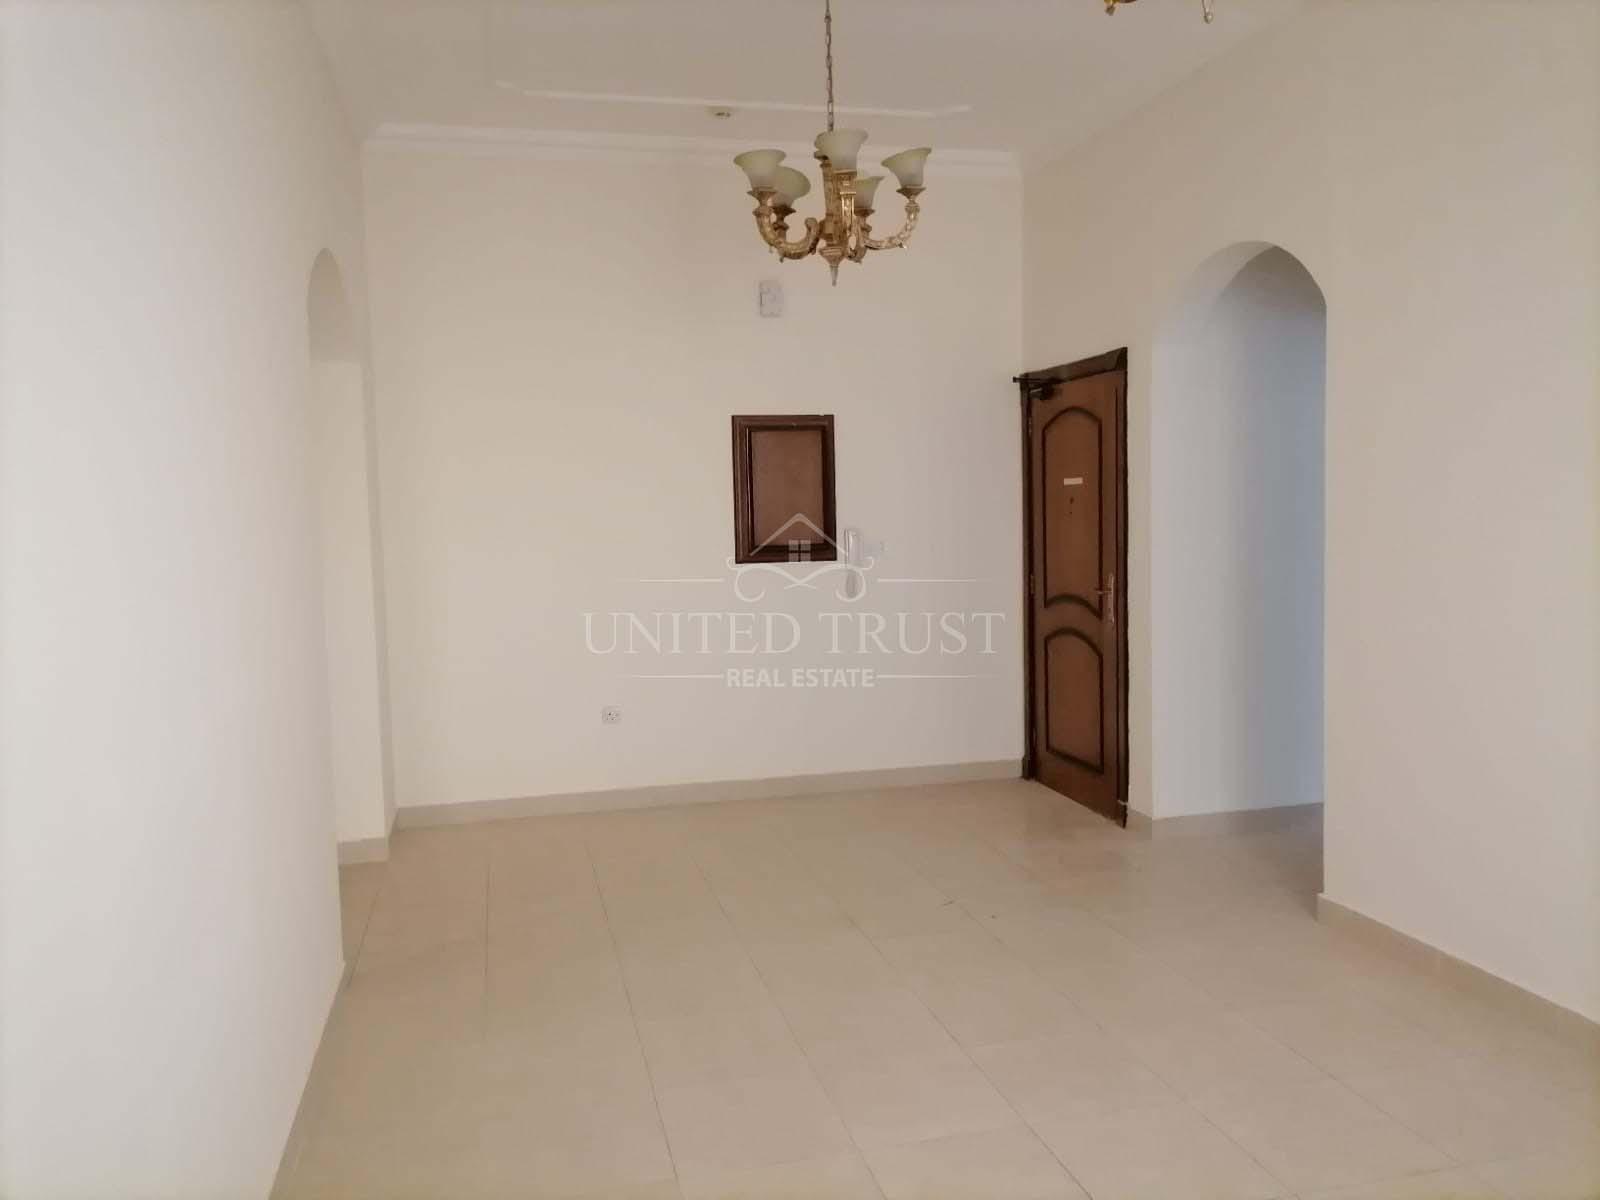 For rent a flat in Saar Ref: SAA-AZ-010